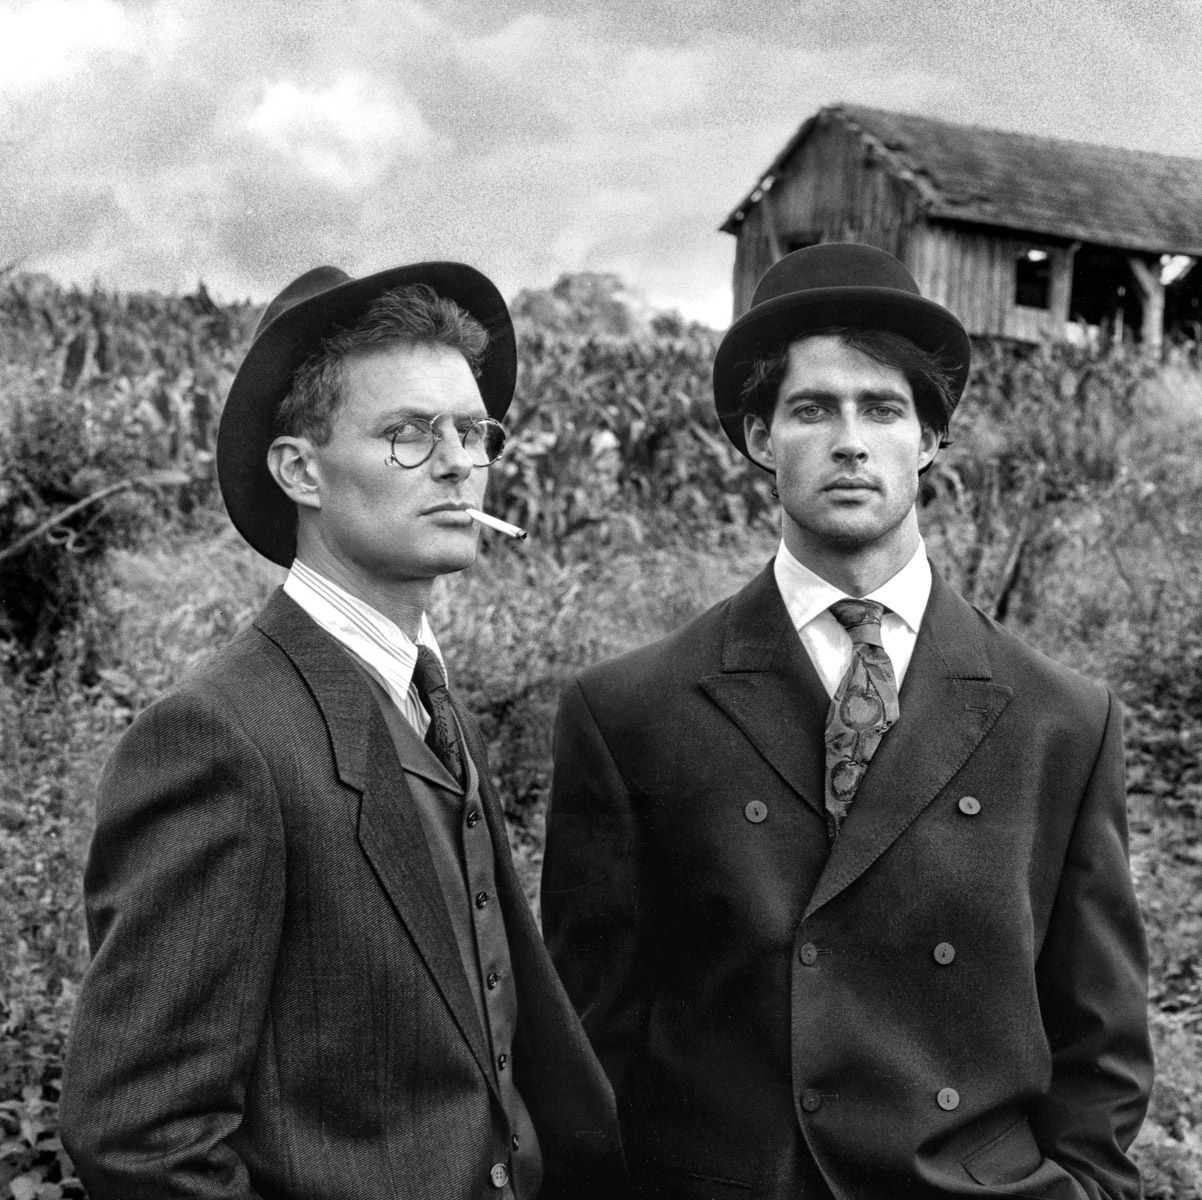 Two Men in hats